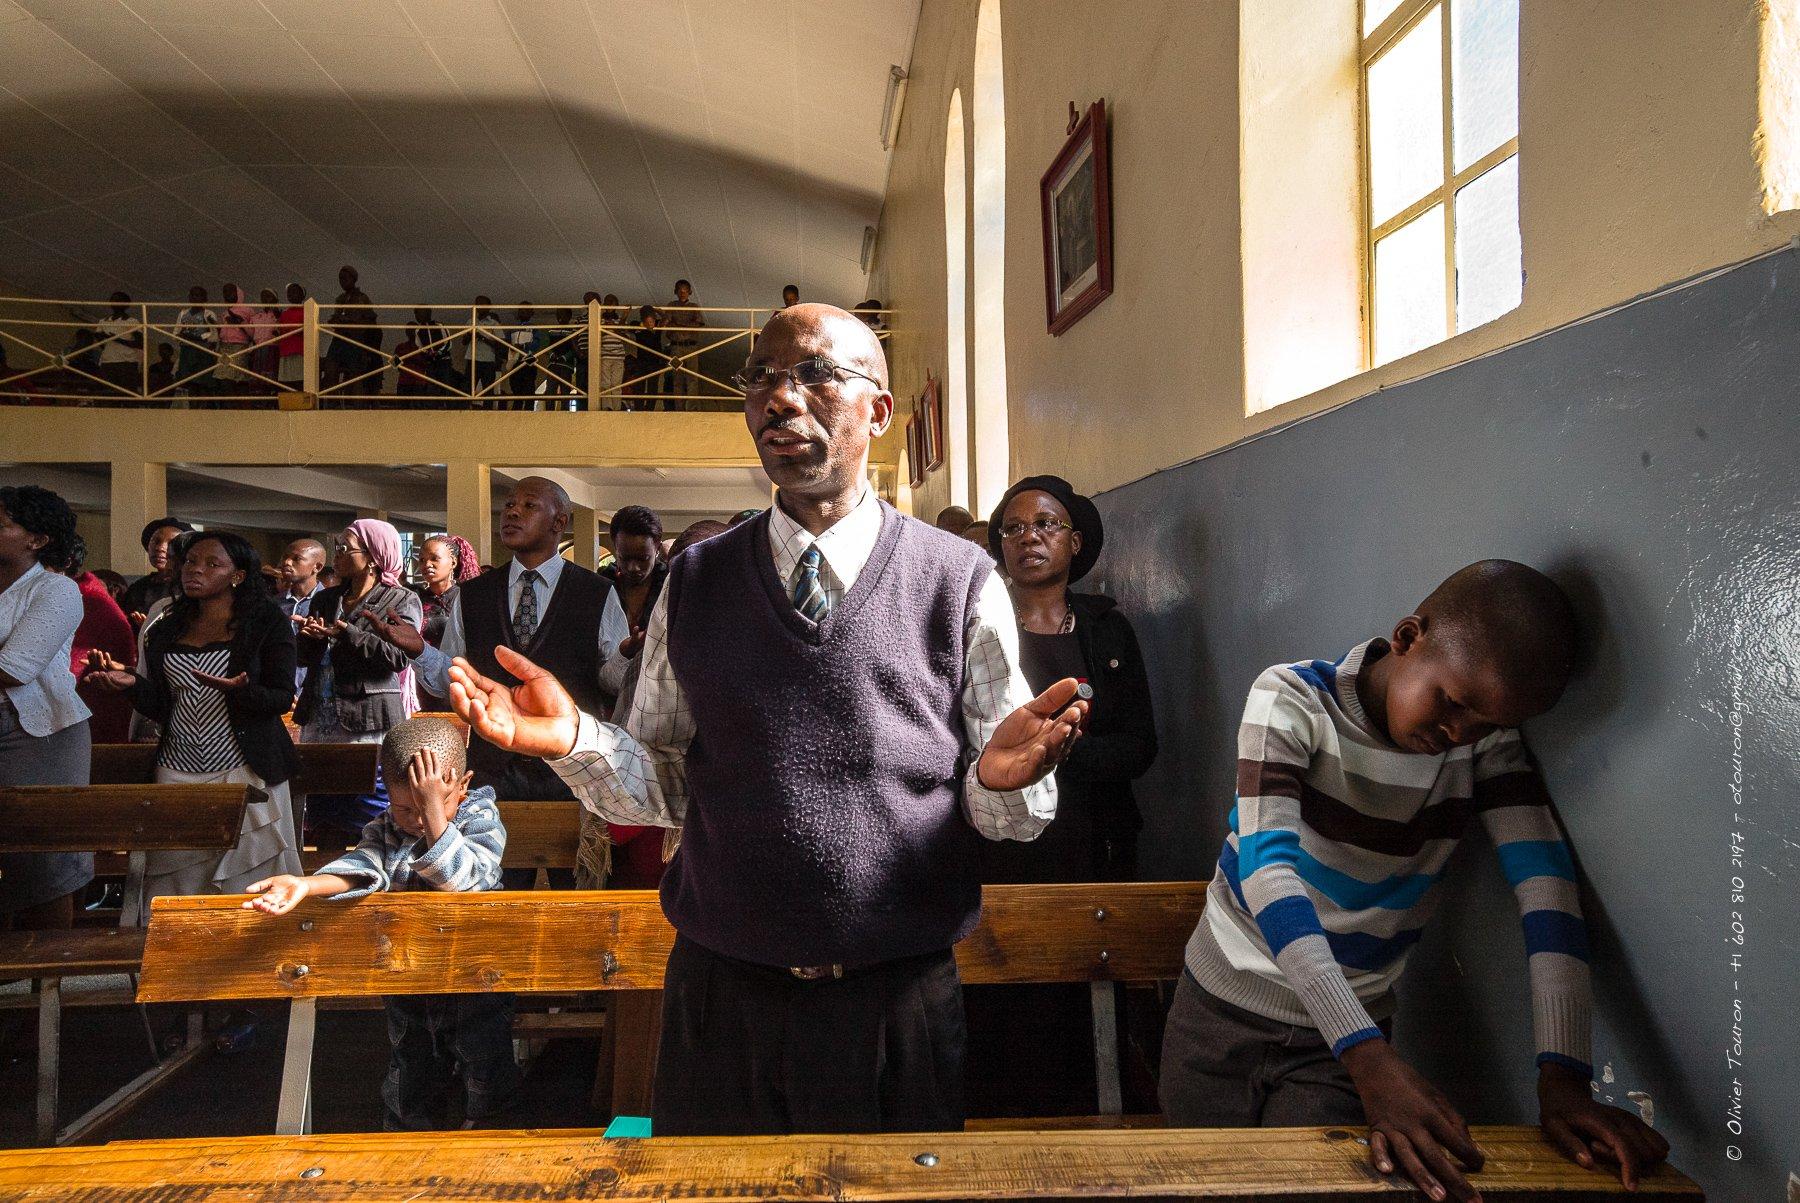 07 avril 2013. Lesotho. boucle sud. Mafeteng. Messe catholique dite par le père Innocent à l'église Saint-Gérard de 1938. // © Olivier Touron / Divergence